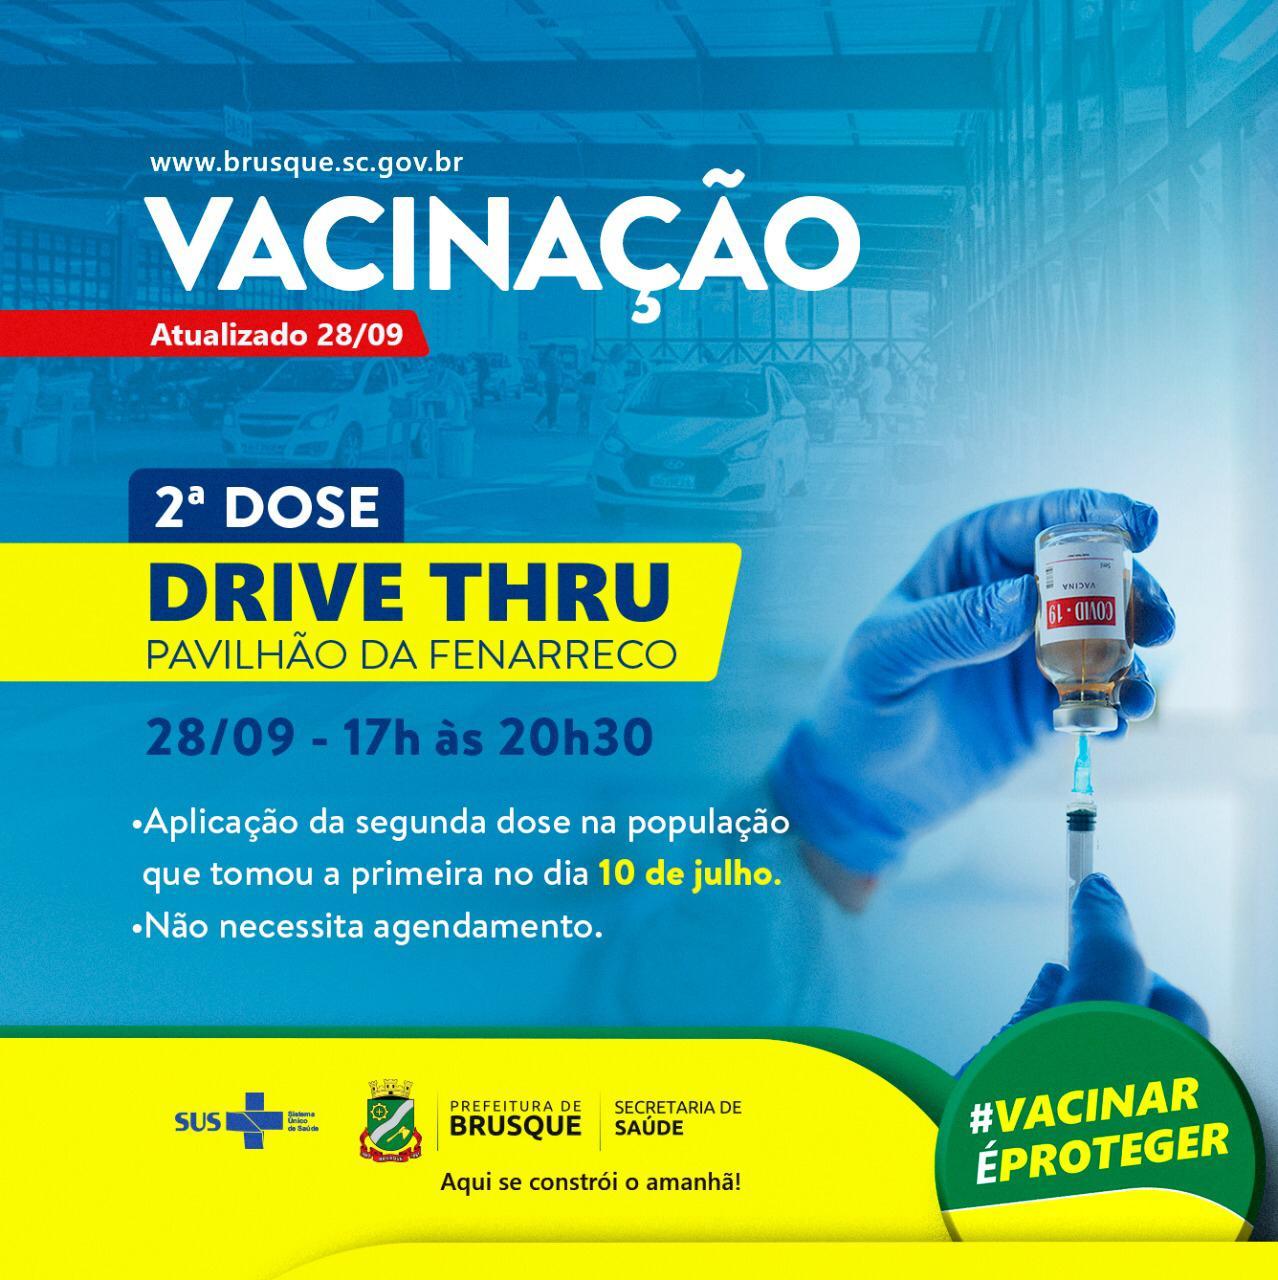 Covid-19: Nesta terça tem drive thru para aplicação da segunda dose